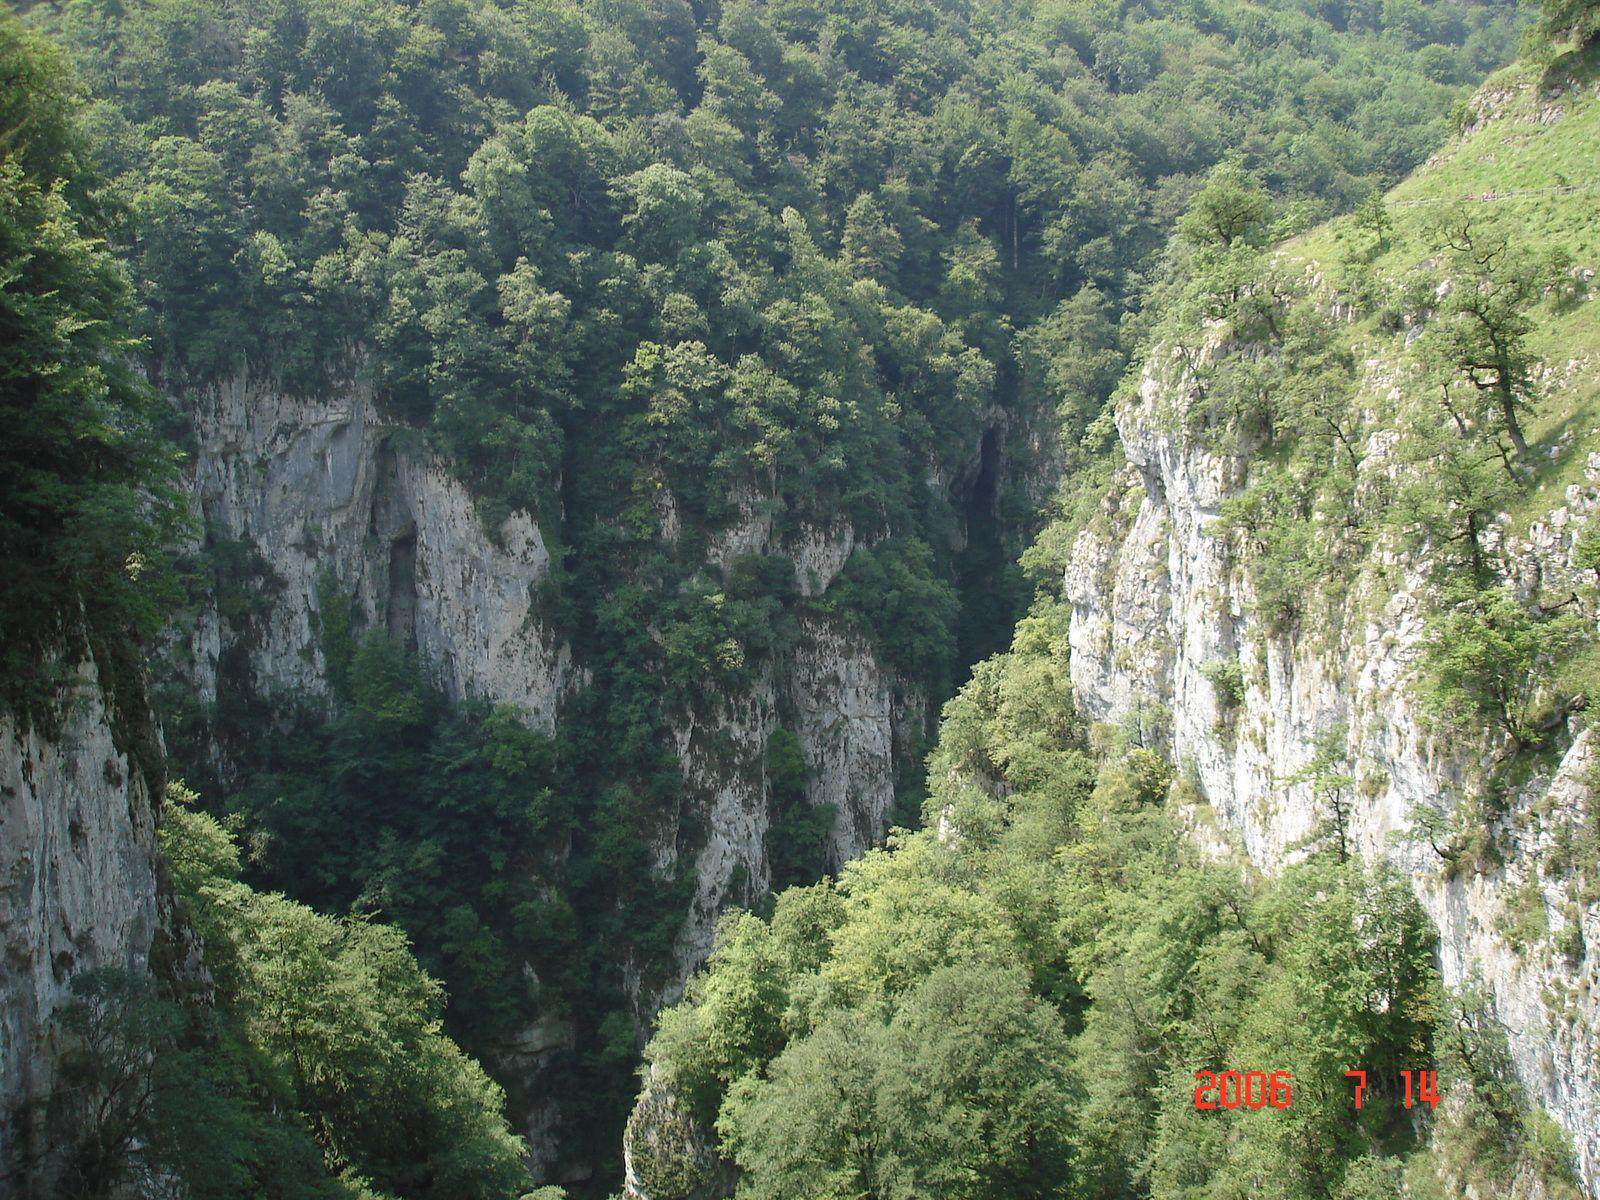 Point de rencontre des canyons d'Holzarté et d'Olhadubi.